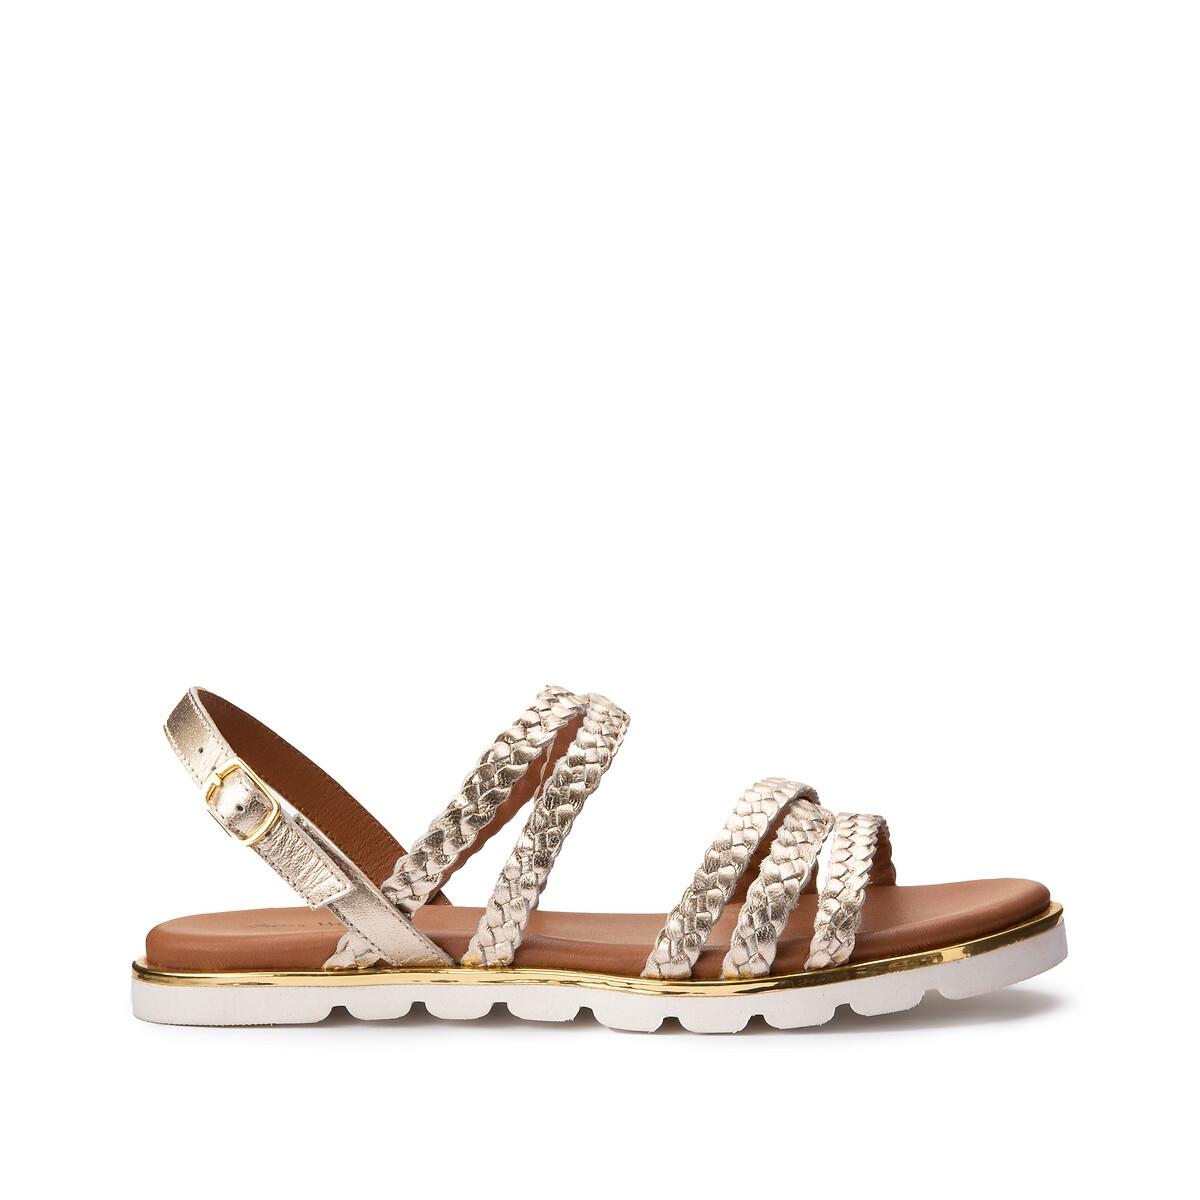 Фото - Босоножки LaRedoute Кожаные с ремешками на плоском каблуке 40 золотистый балетки laredoute на плоском каблуке с рисунком под кожу питона 37 каштановый